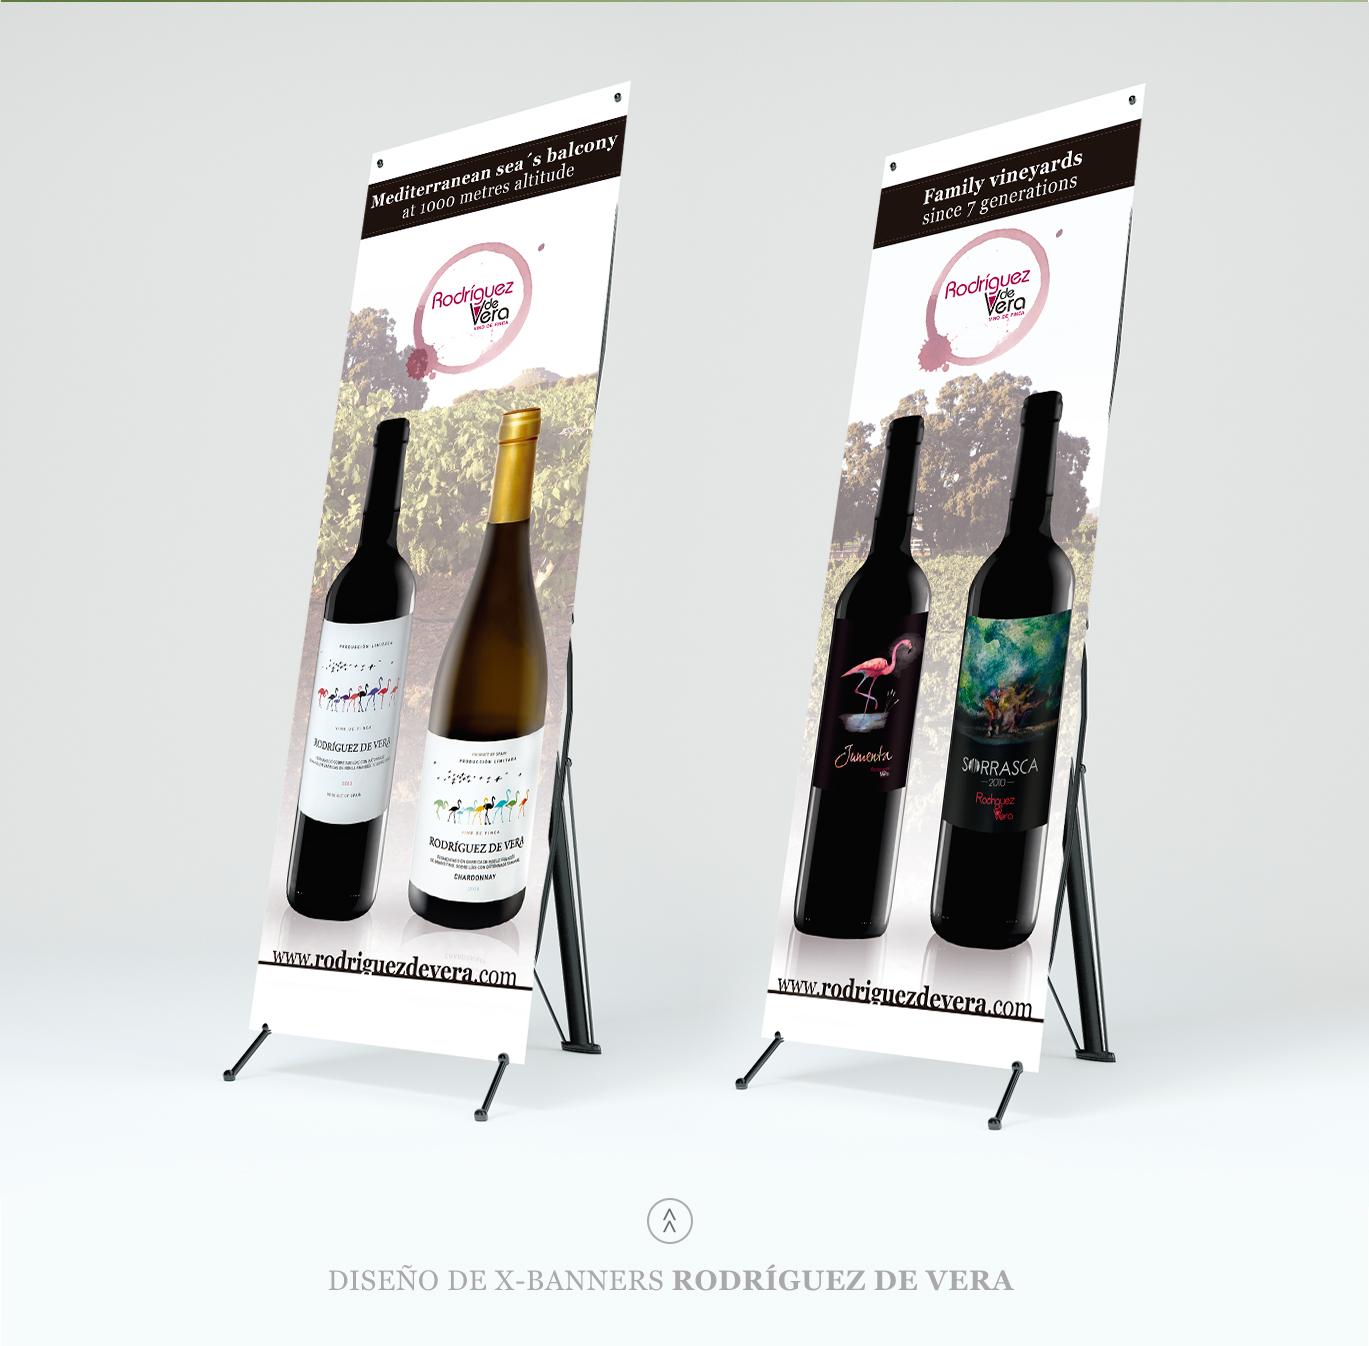 Diseño gráfico Albacete, diseño publicitario, diseño de x-banners, impresión de lonas, impresión de x-banners, Rodríguez de Vera